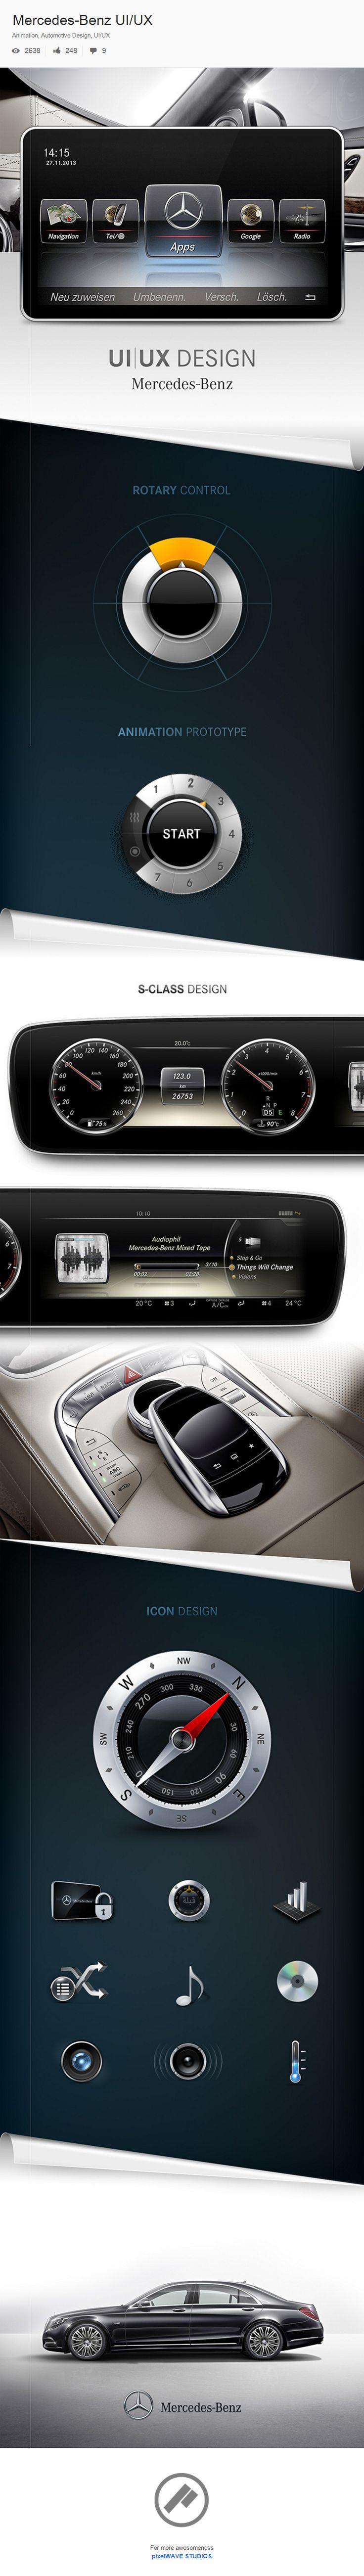 Mercedes-Benz UI/UX, designed by Denny Moritz